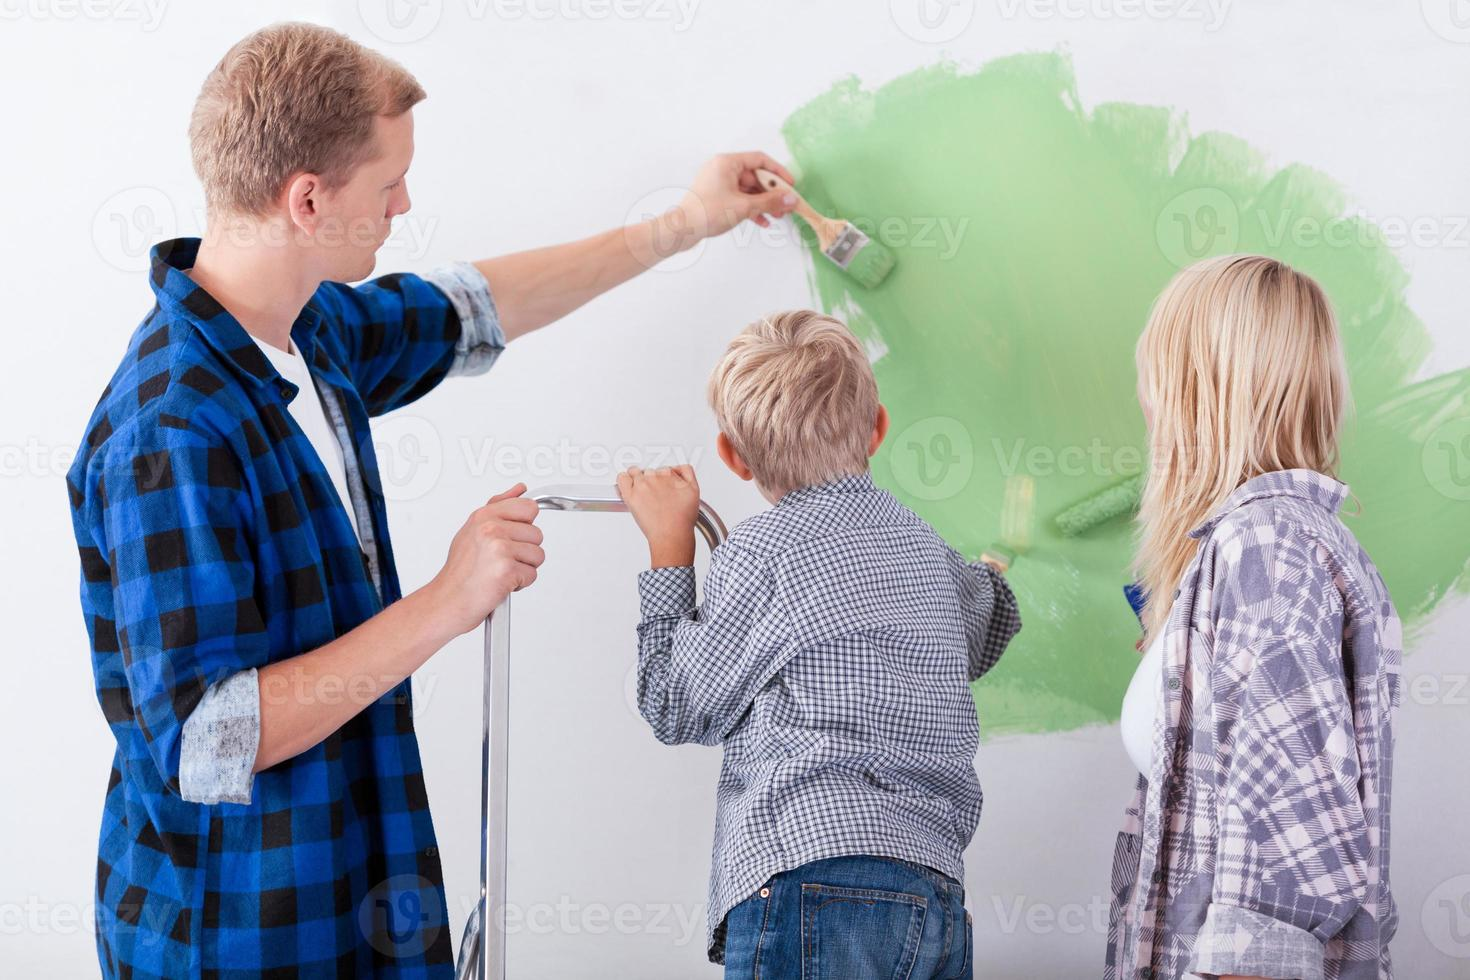 Familienmalerei Innenwand von zu Hause foto